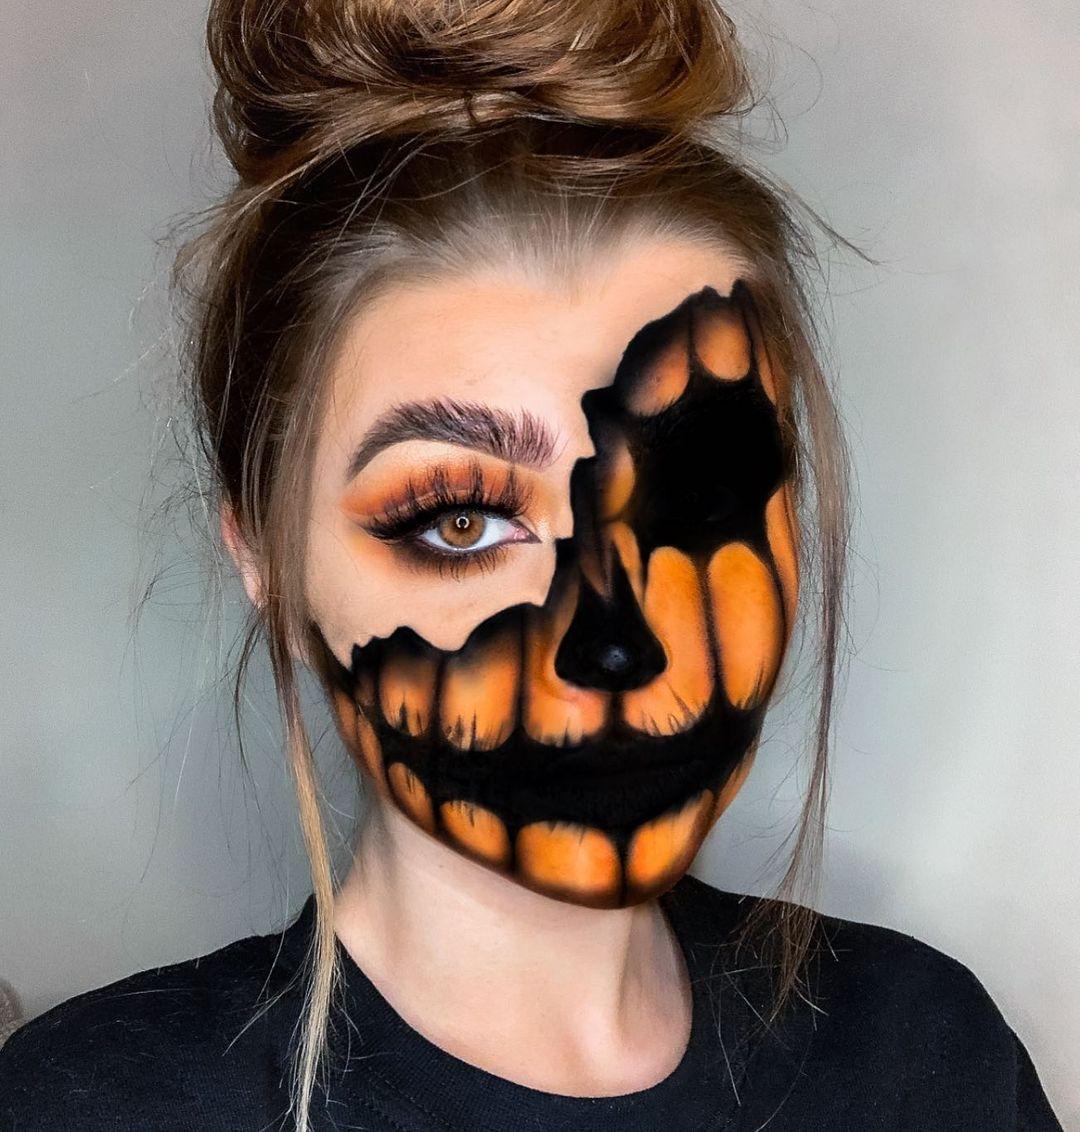 Cute pumpkin face paint